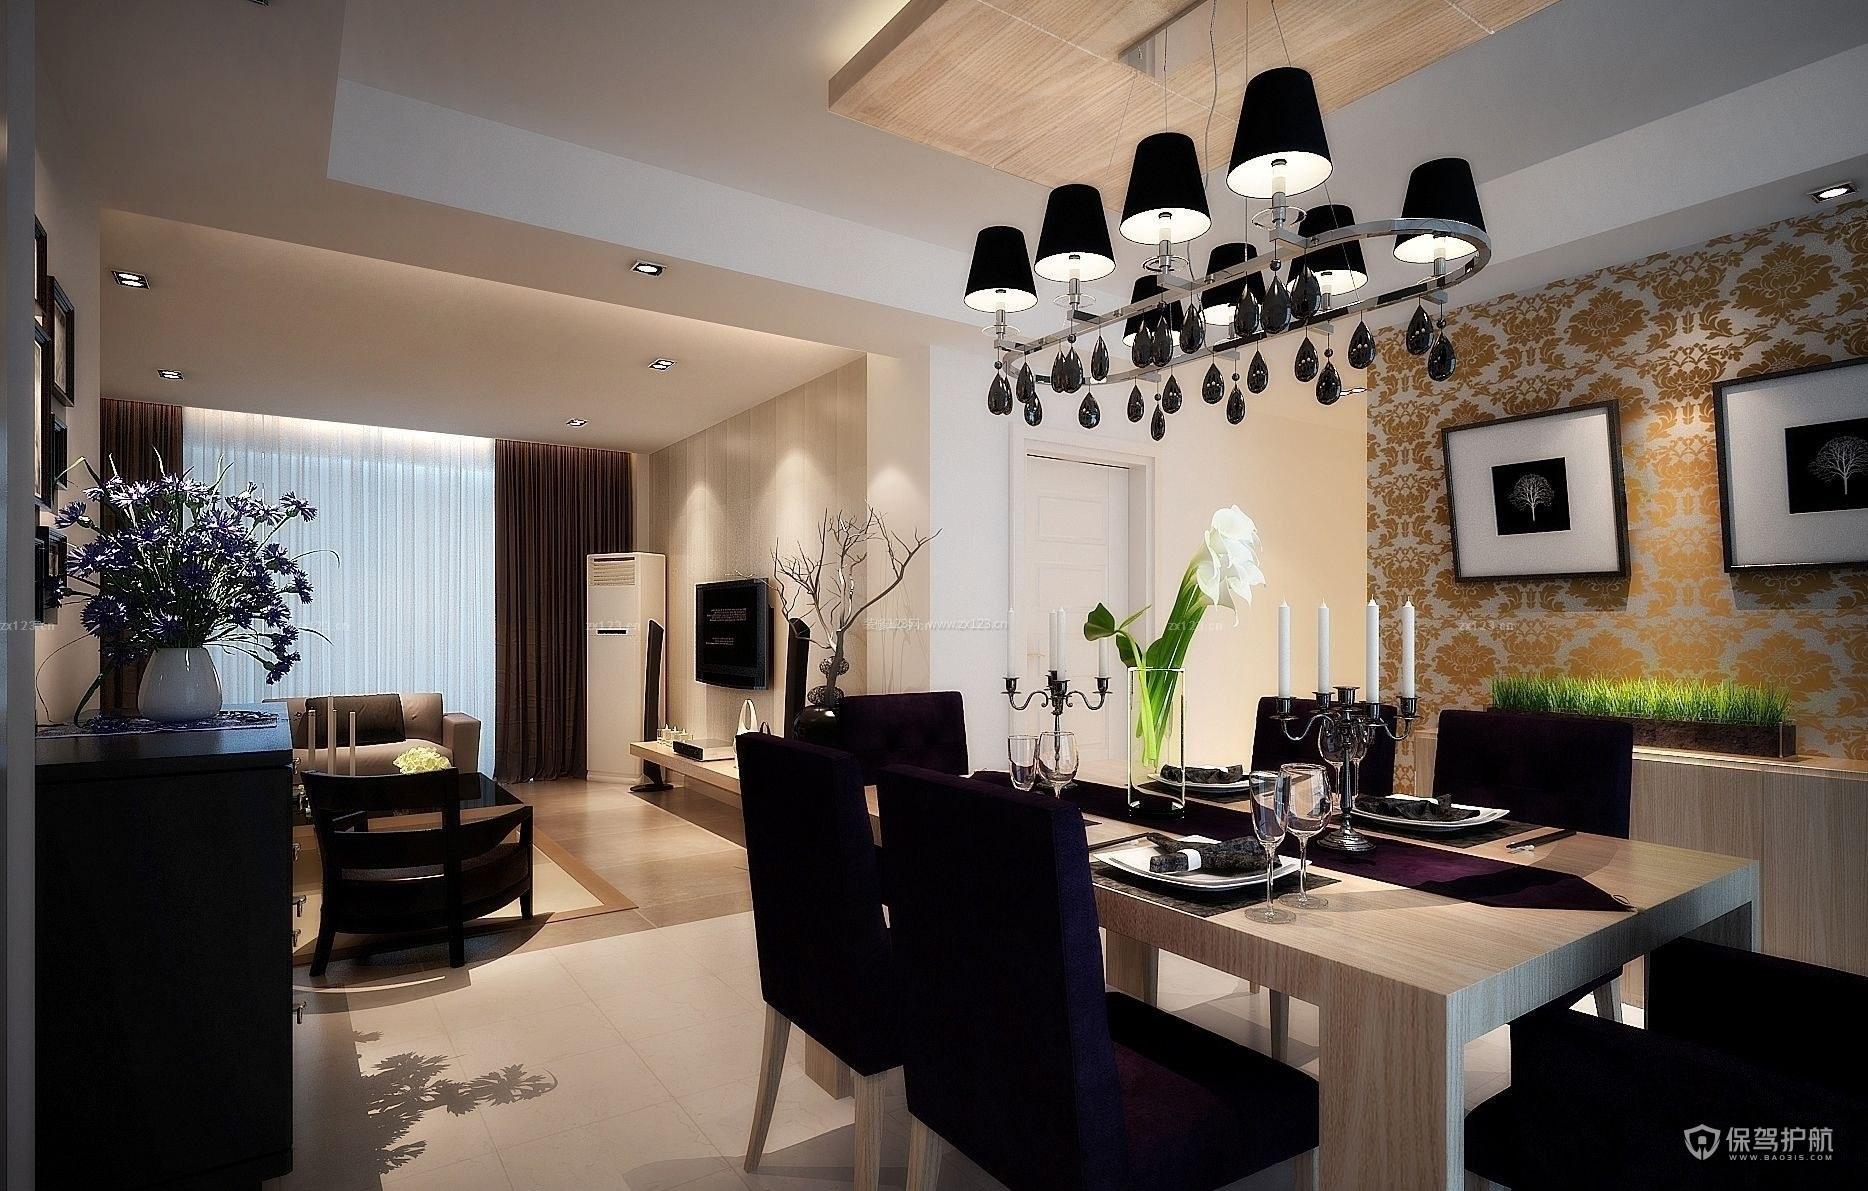 现代奢华餐厅客厅一体装修效果图